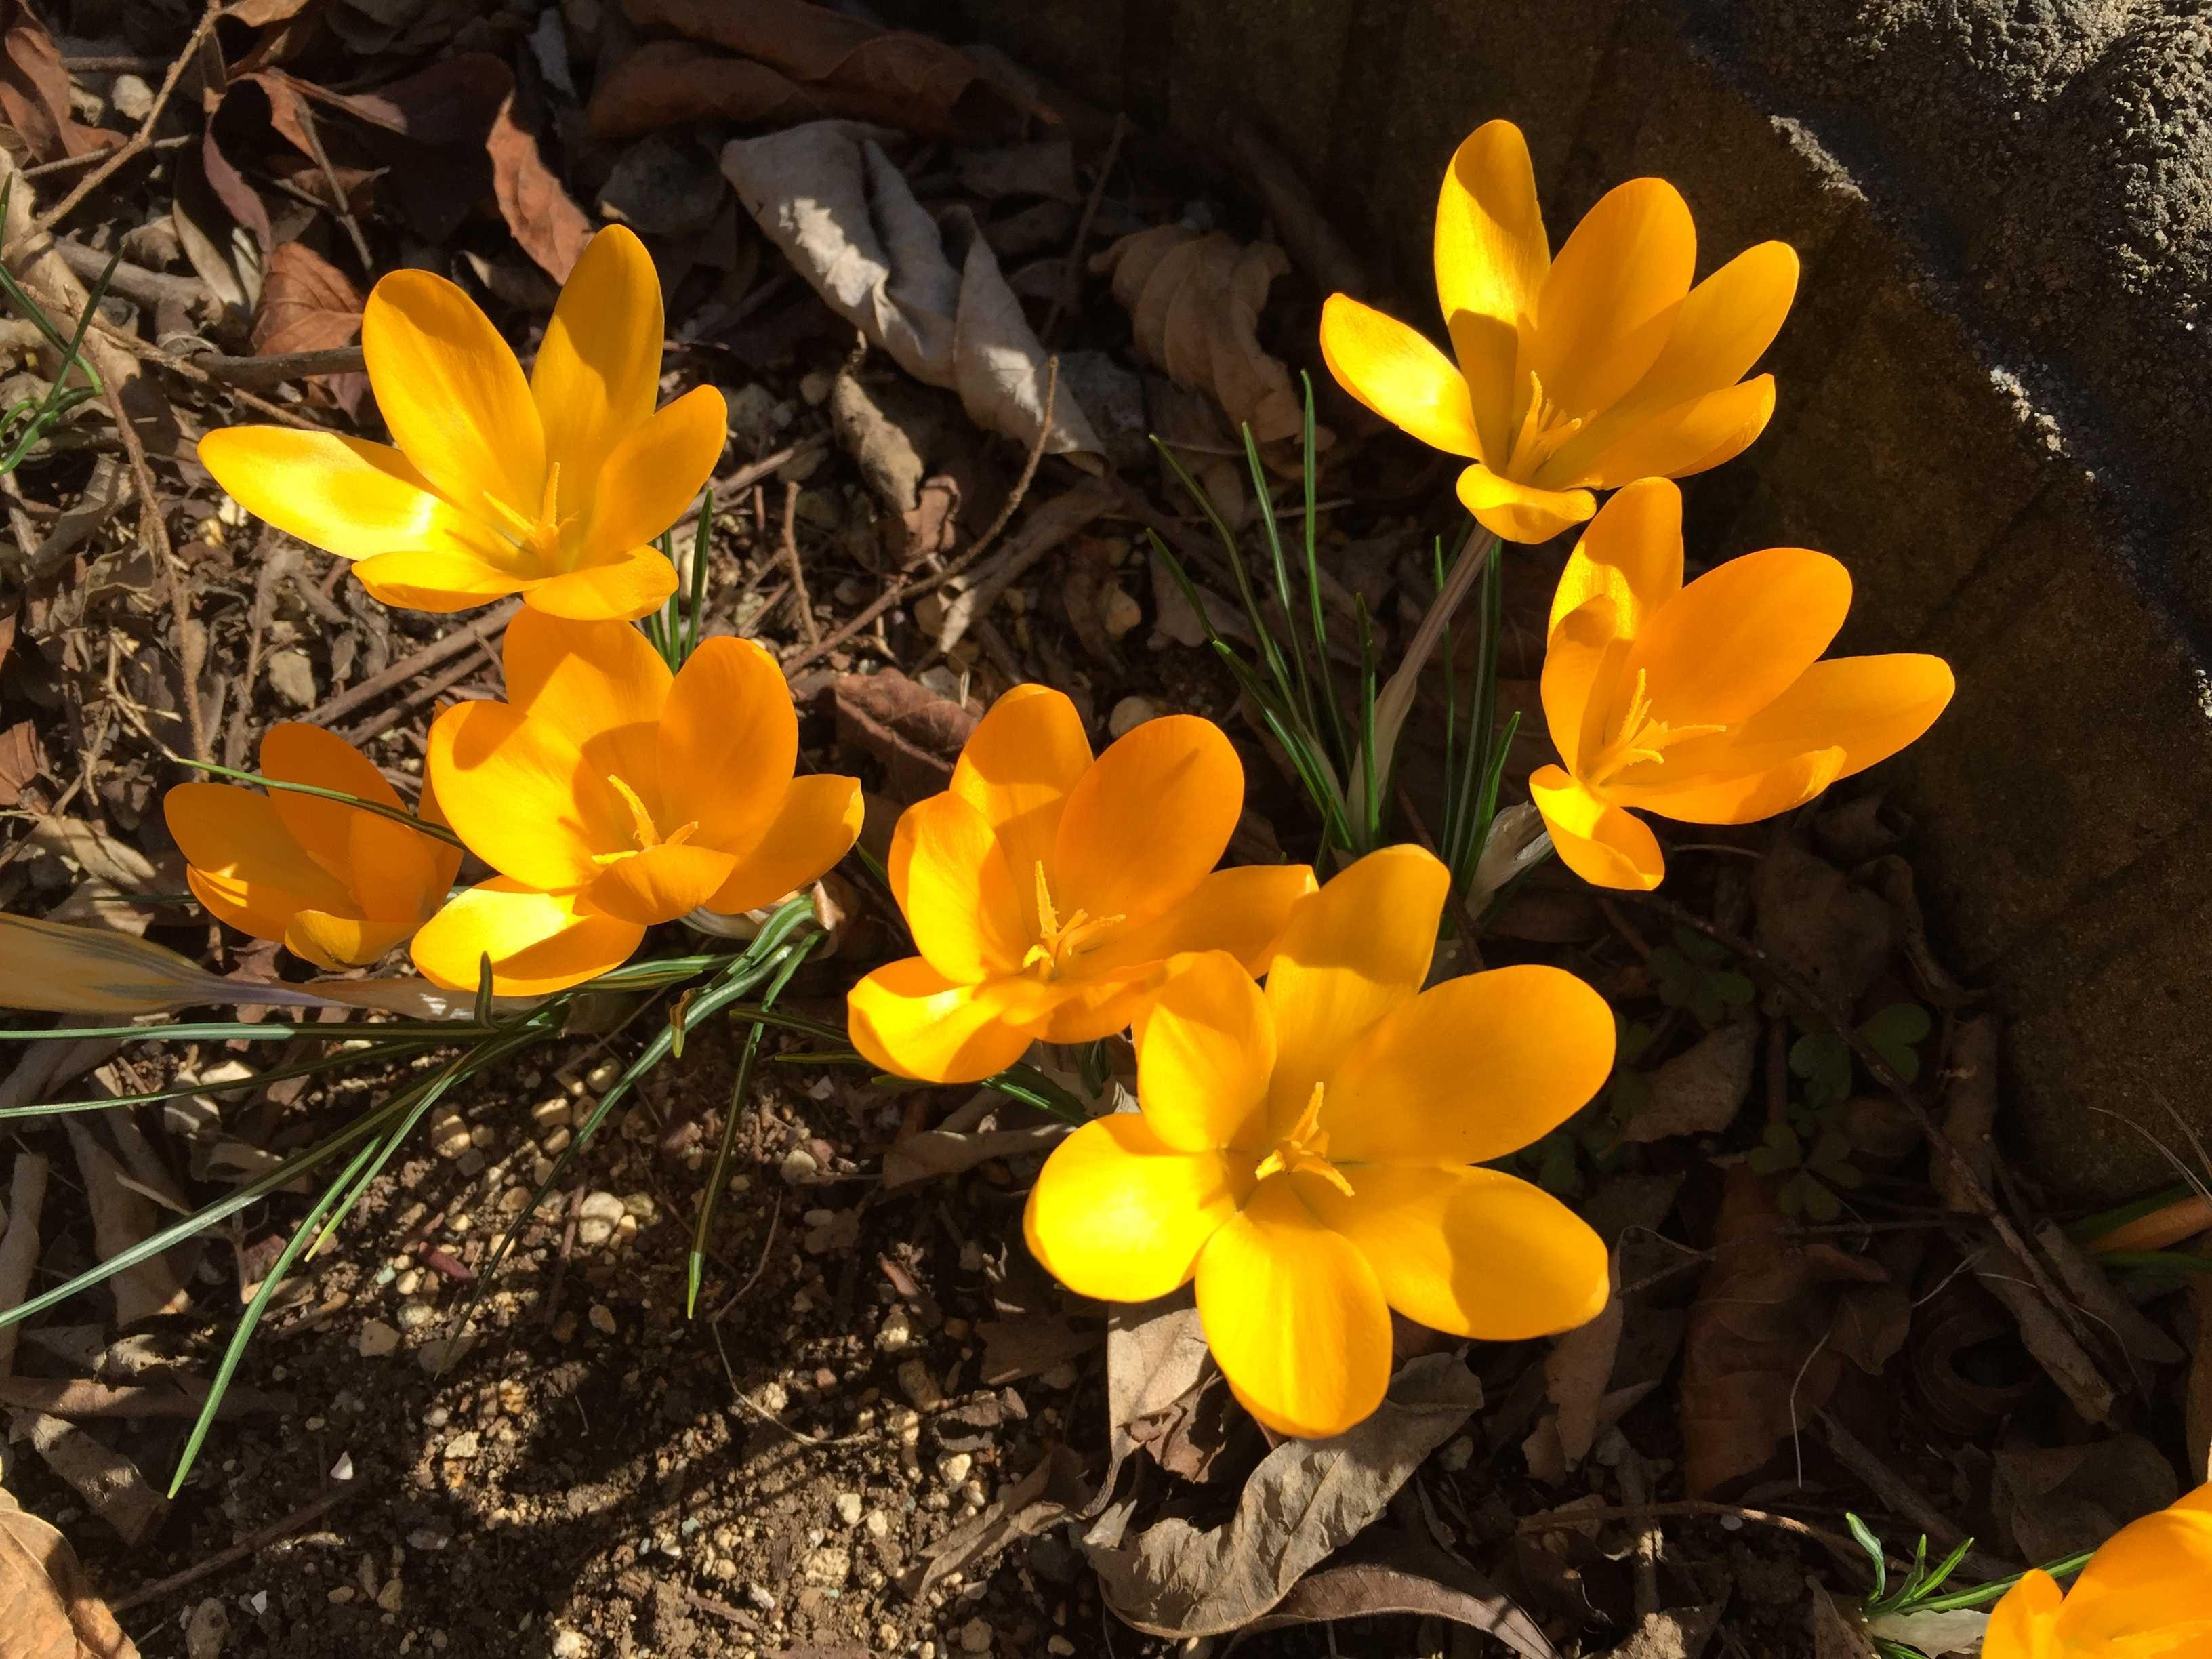 黄色いクロッカス(黄色のクロッカス)の花